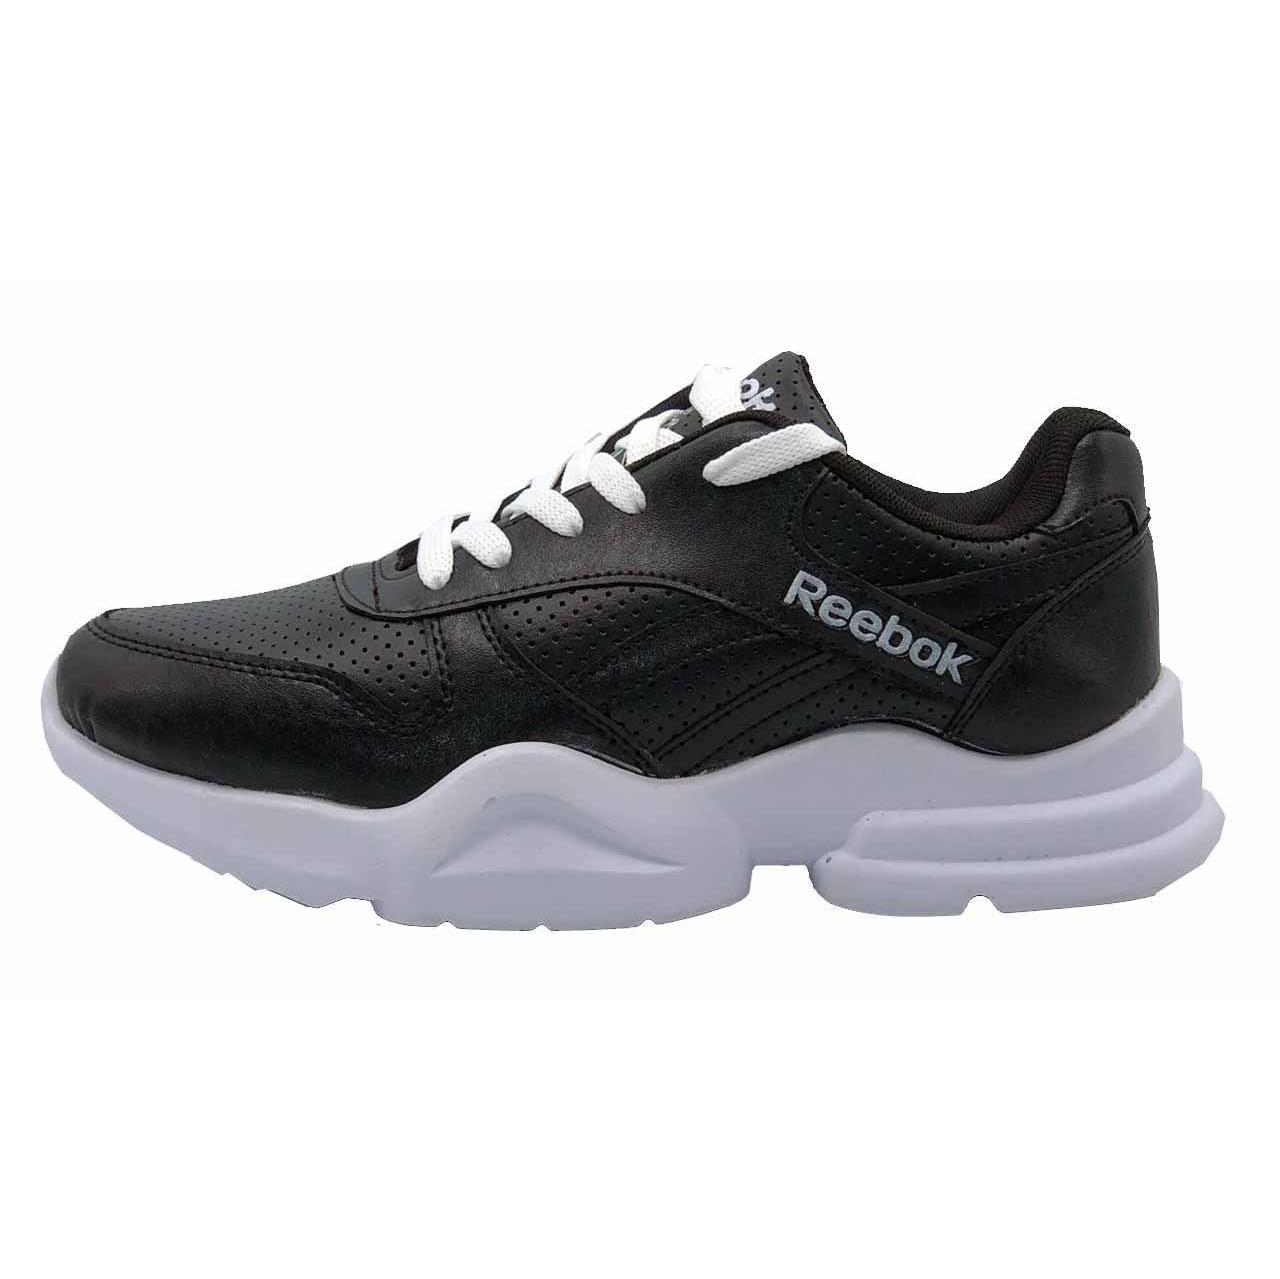 کفش مخصوص پیاده روی زنانه کد 9731